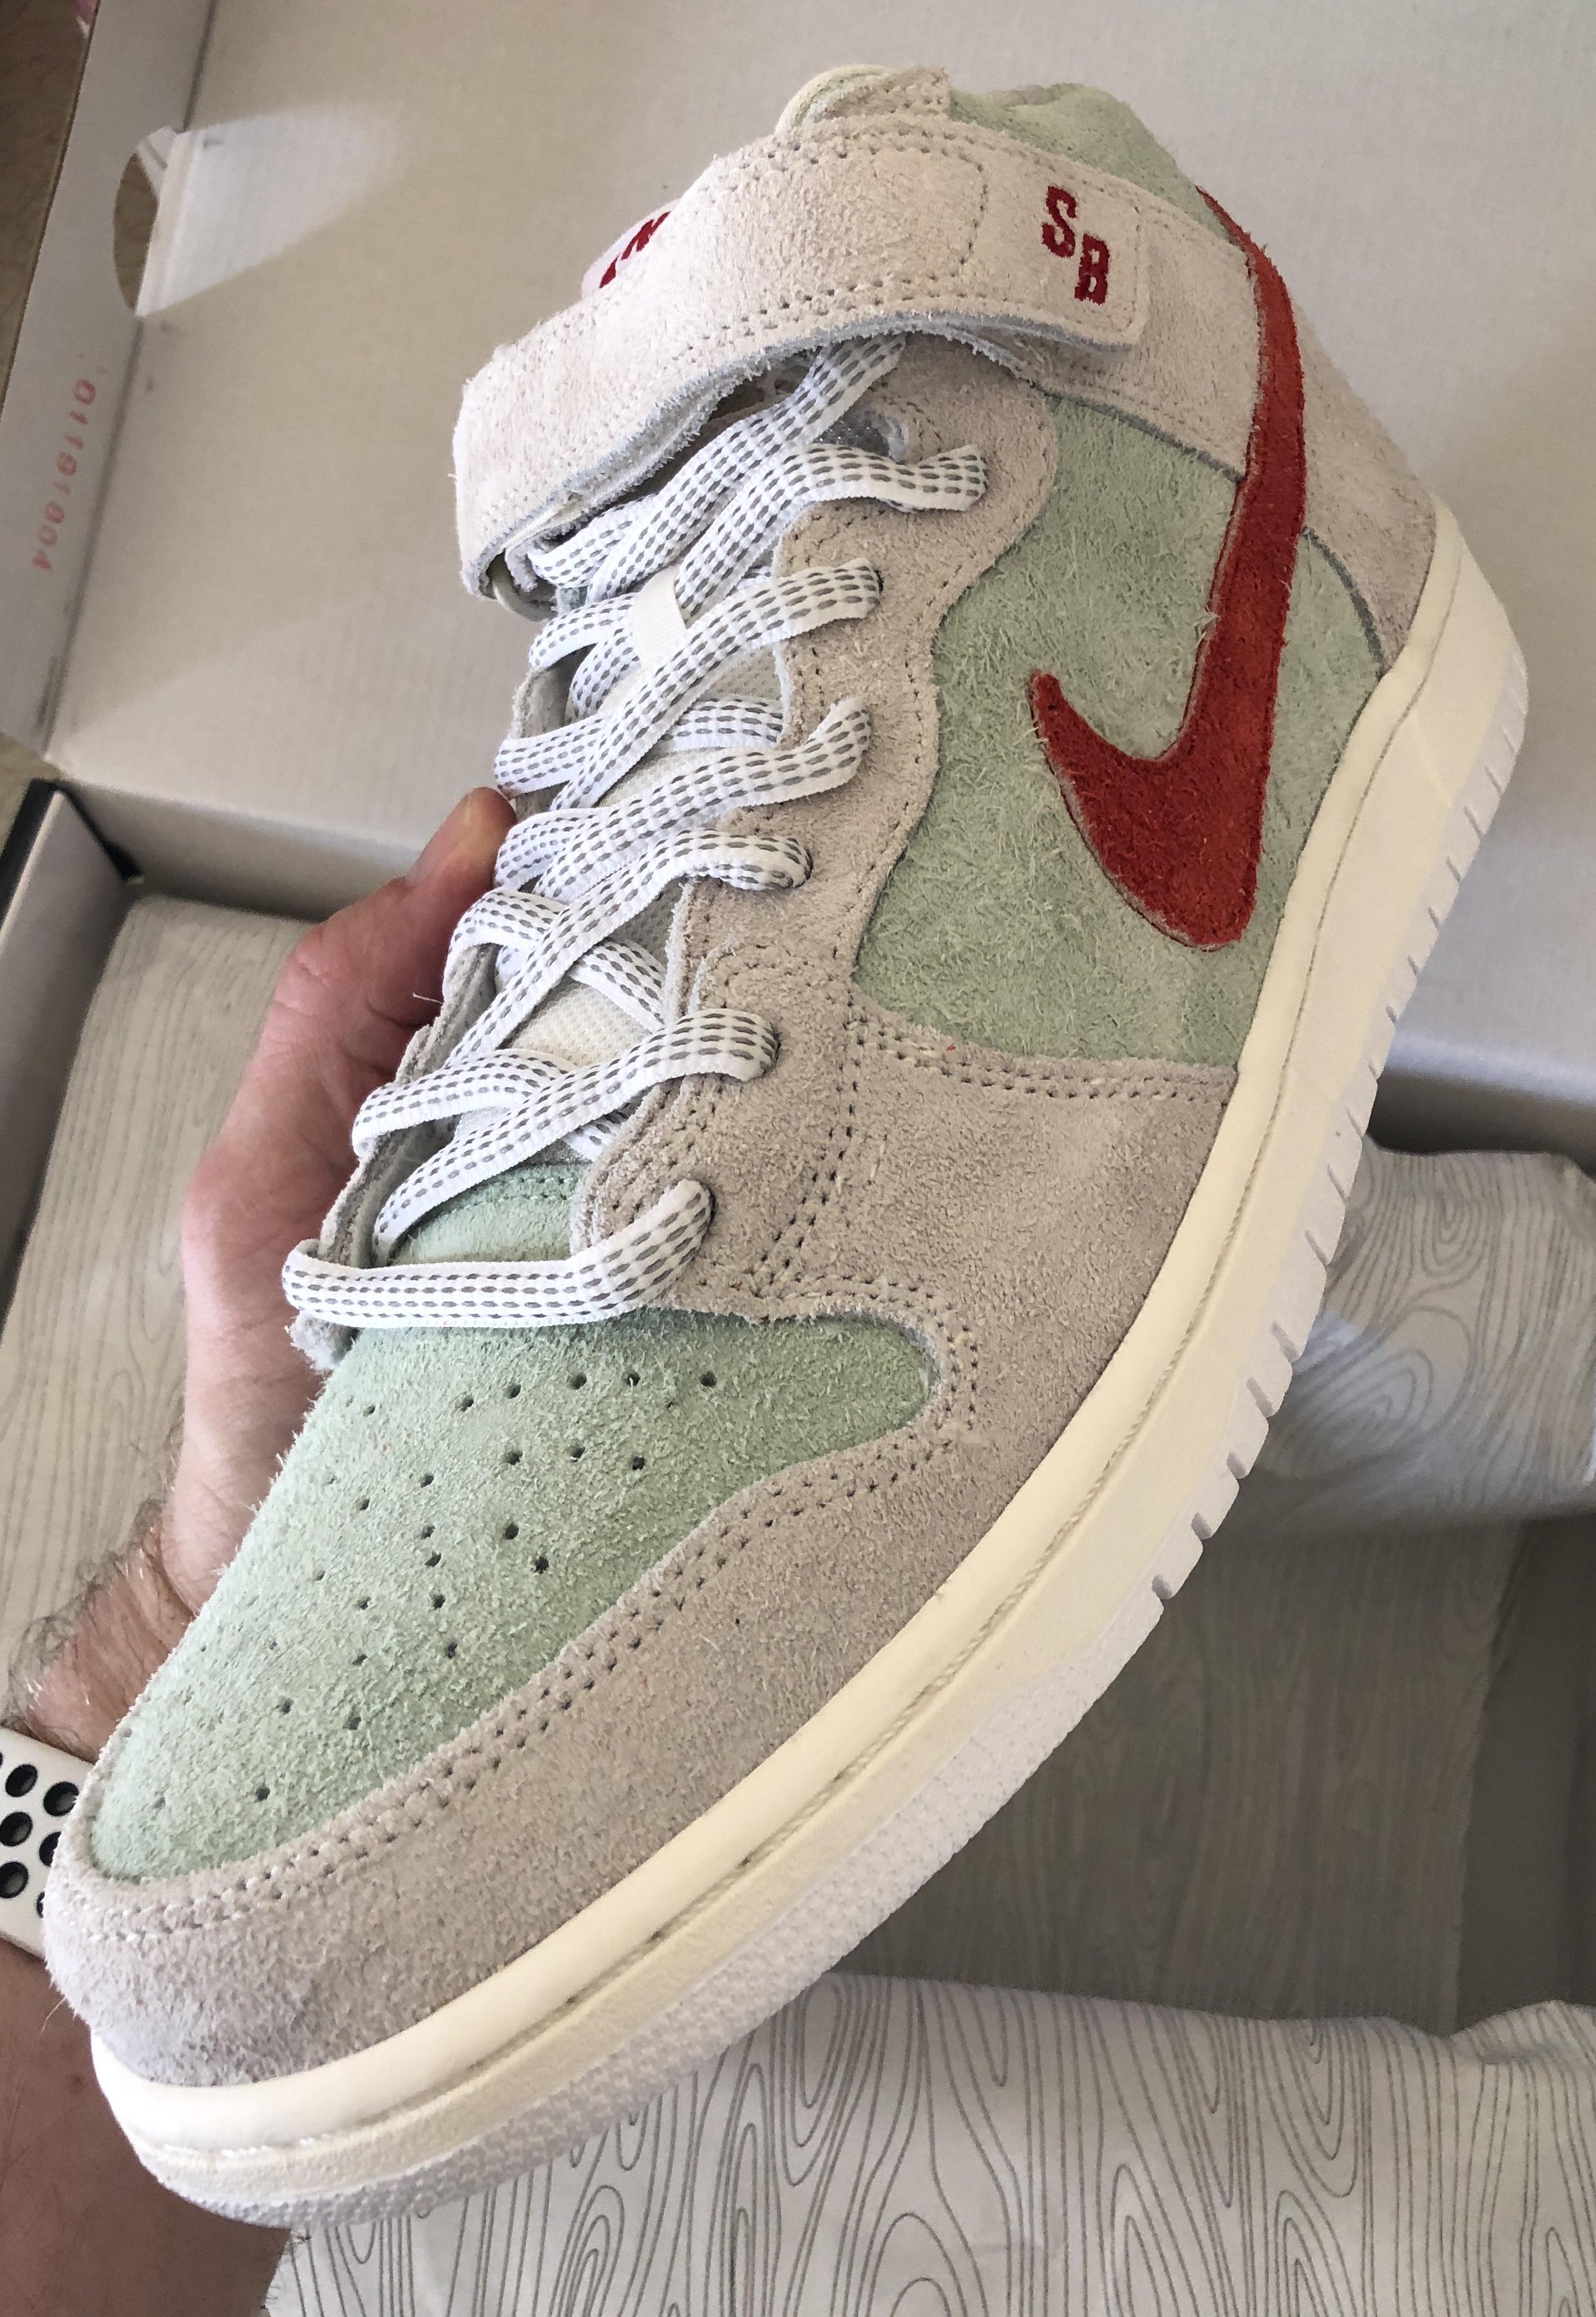 Nike Nike Sb Dunk Mid Pro Qs Men's Skateboarding Shoe Aka White ...